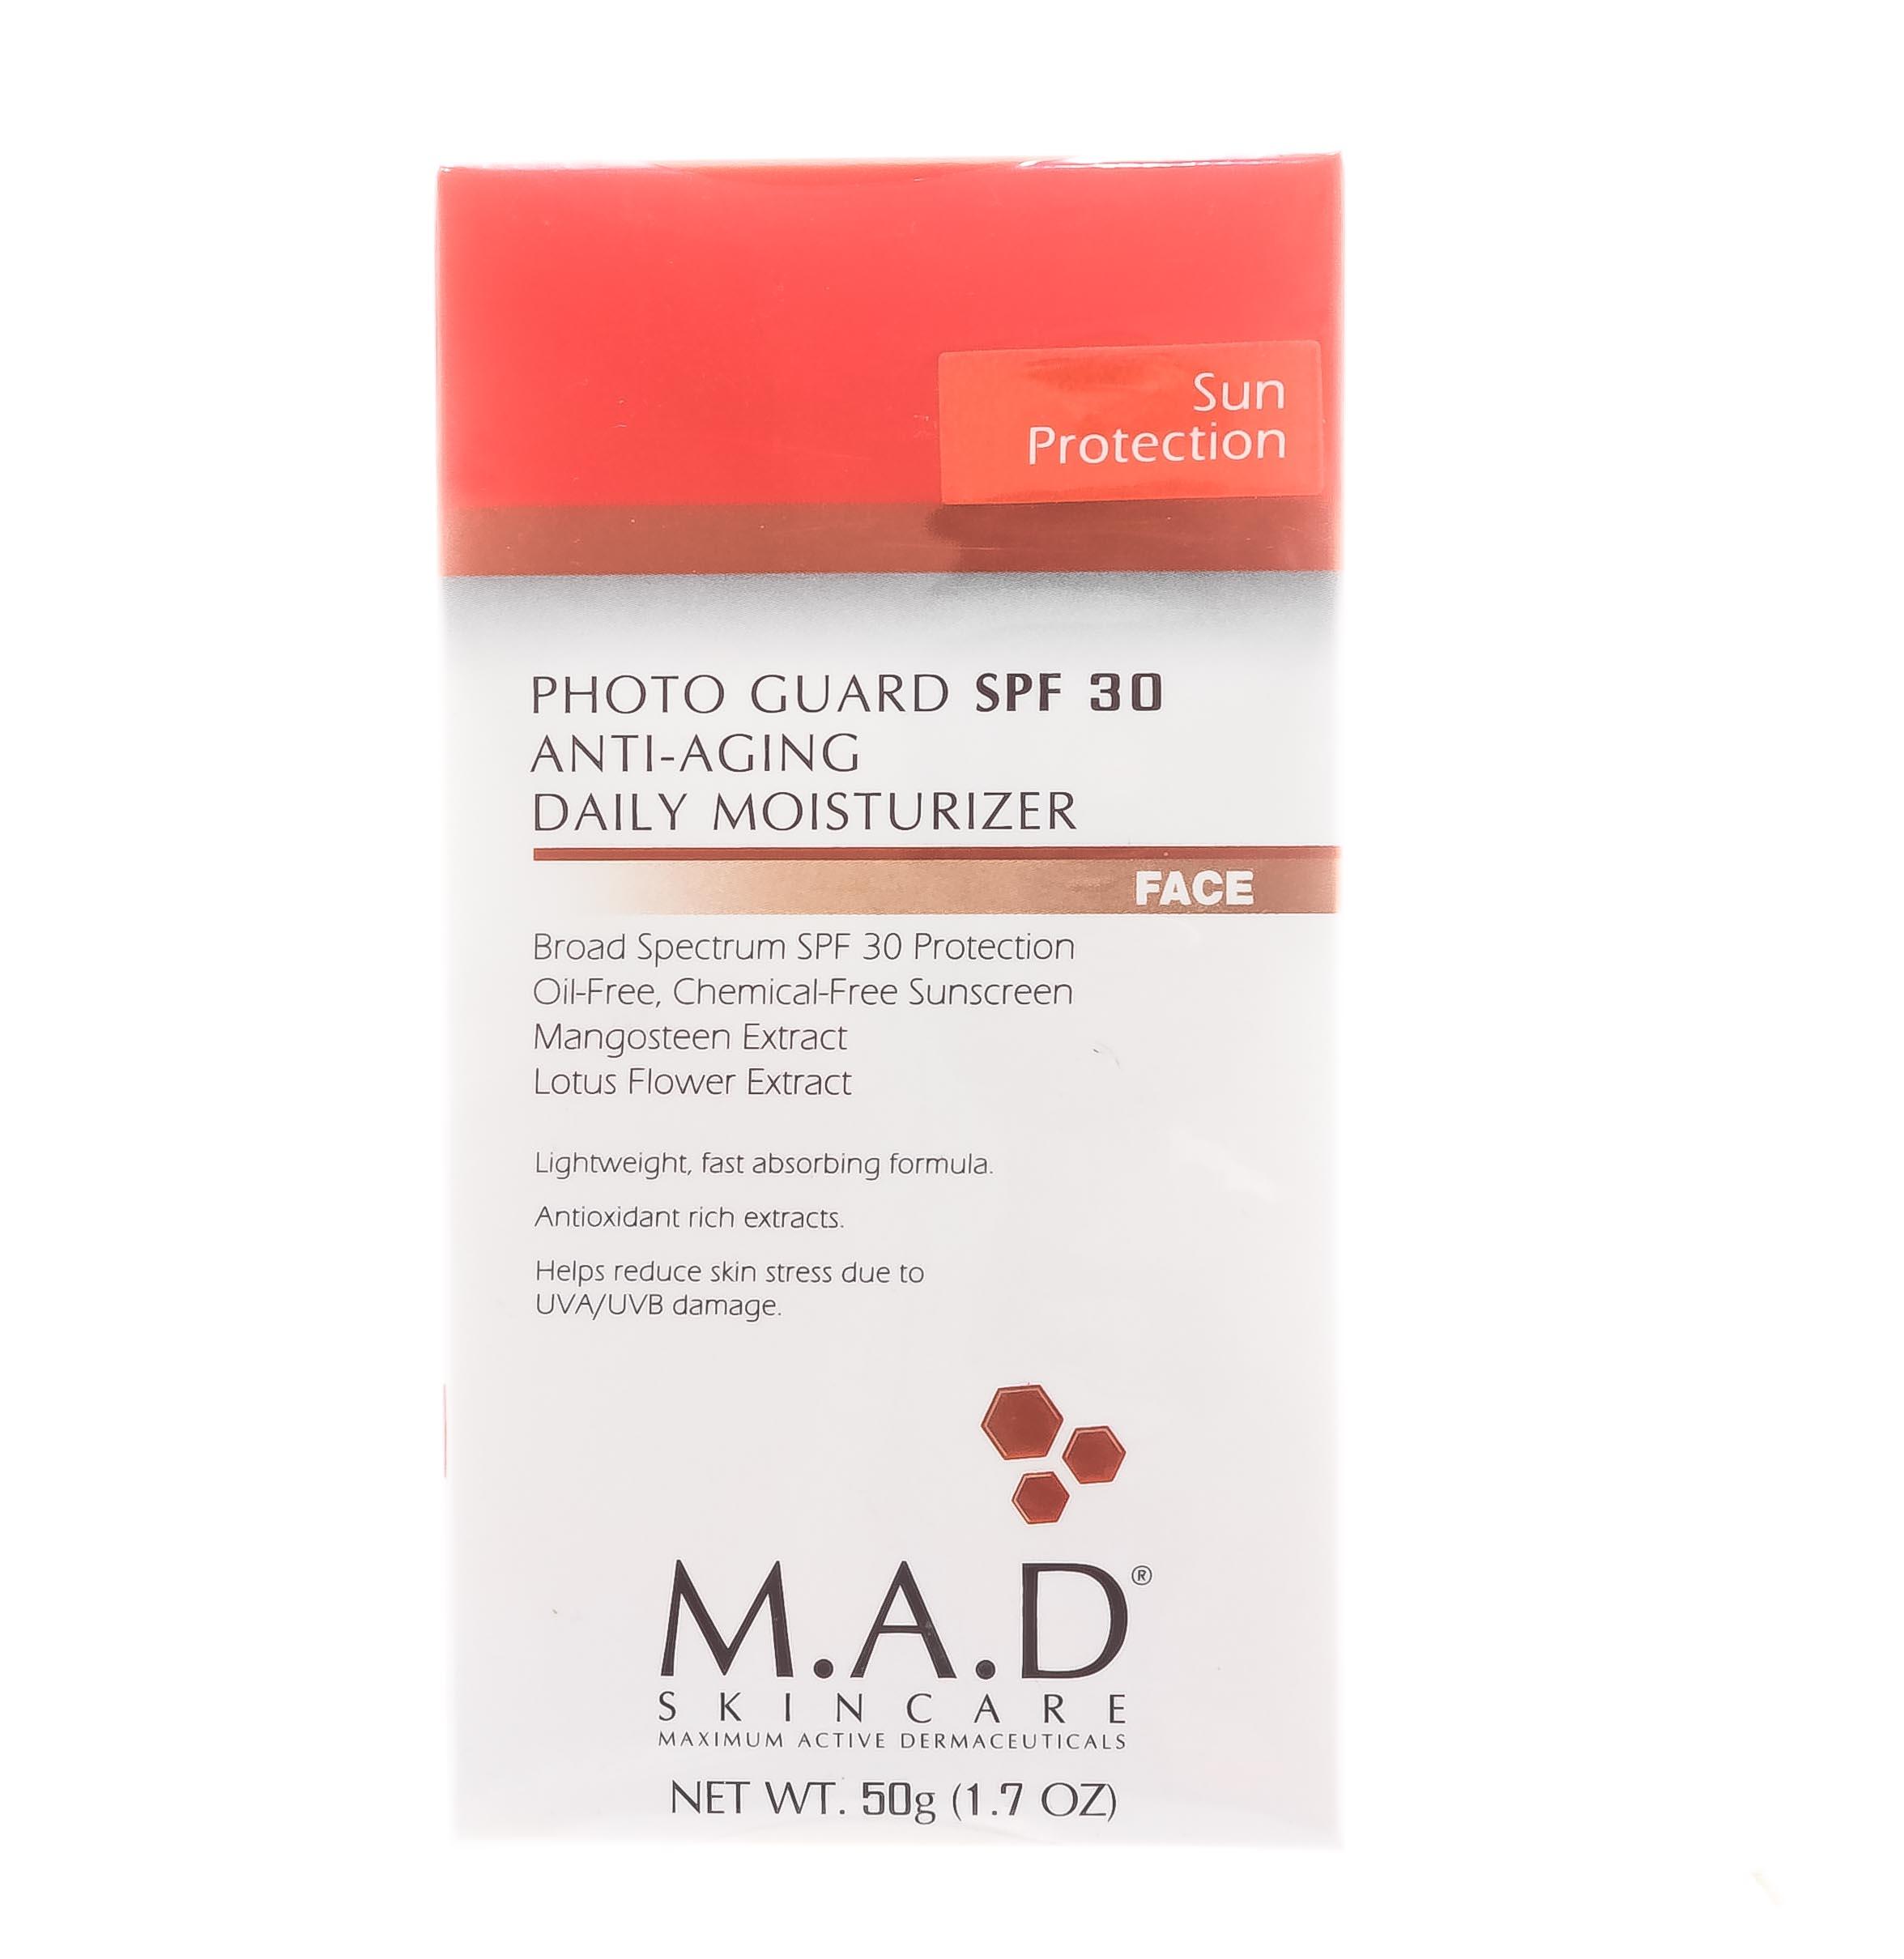 Купить M.A.D. Омолаживающий и увлажняющий крем-защита под макияж с защитой spf 30, 50 гр (M.A.D., )